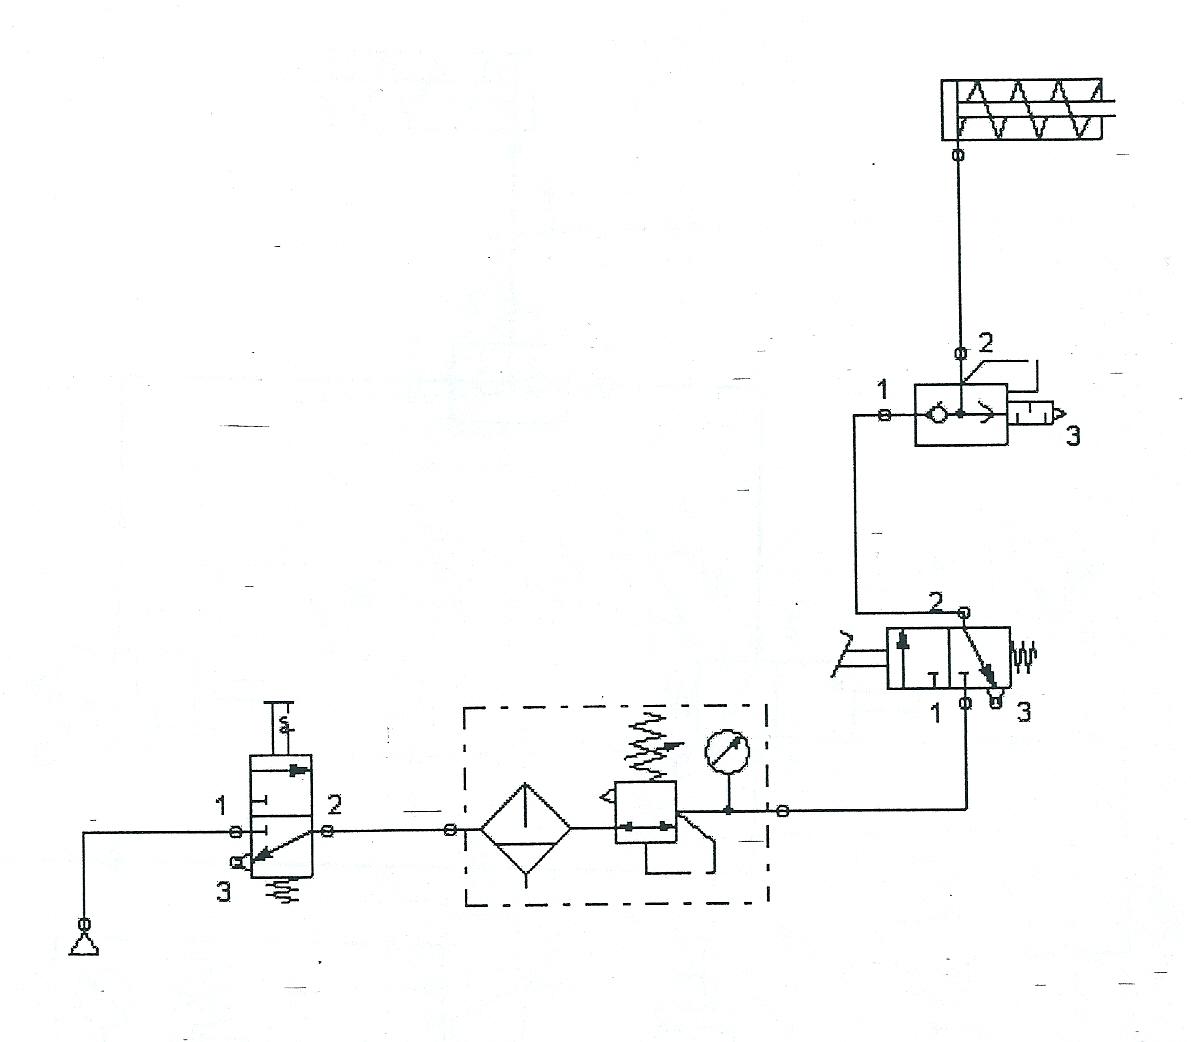 Circuito Neumatico Basico : Circuitos de fluidos suspensiÓn y direcciÓn: circuitos neumáticos e